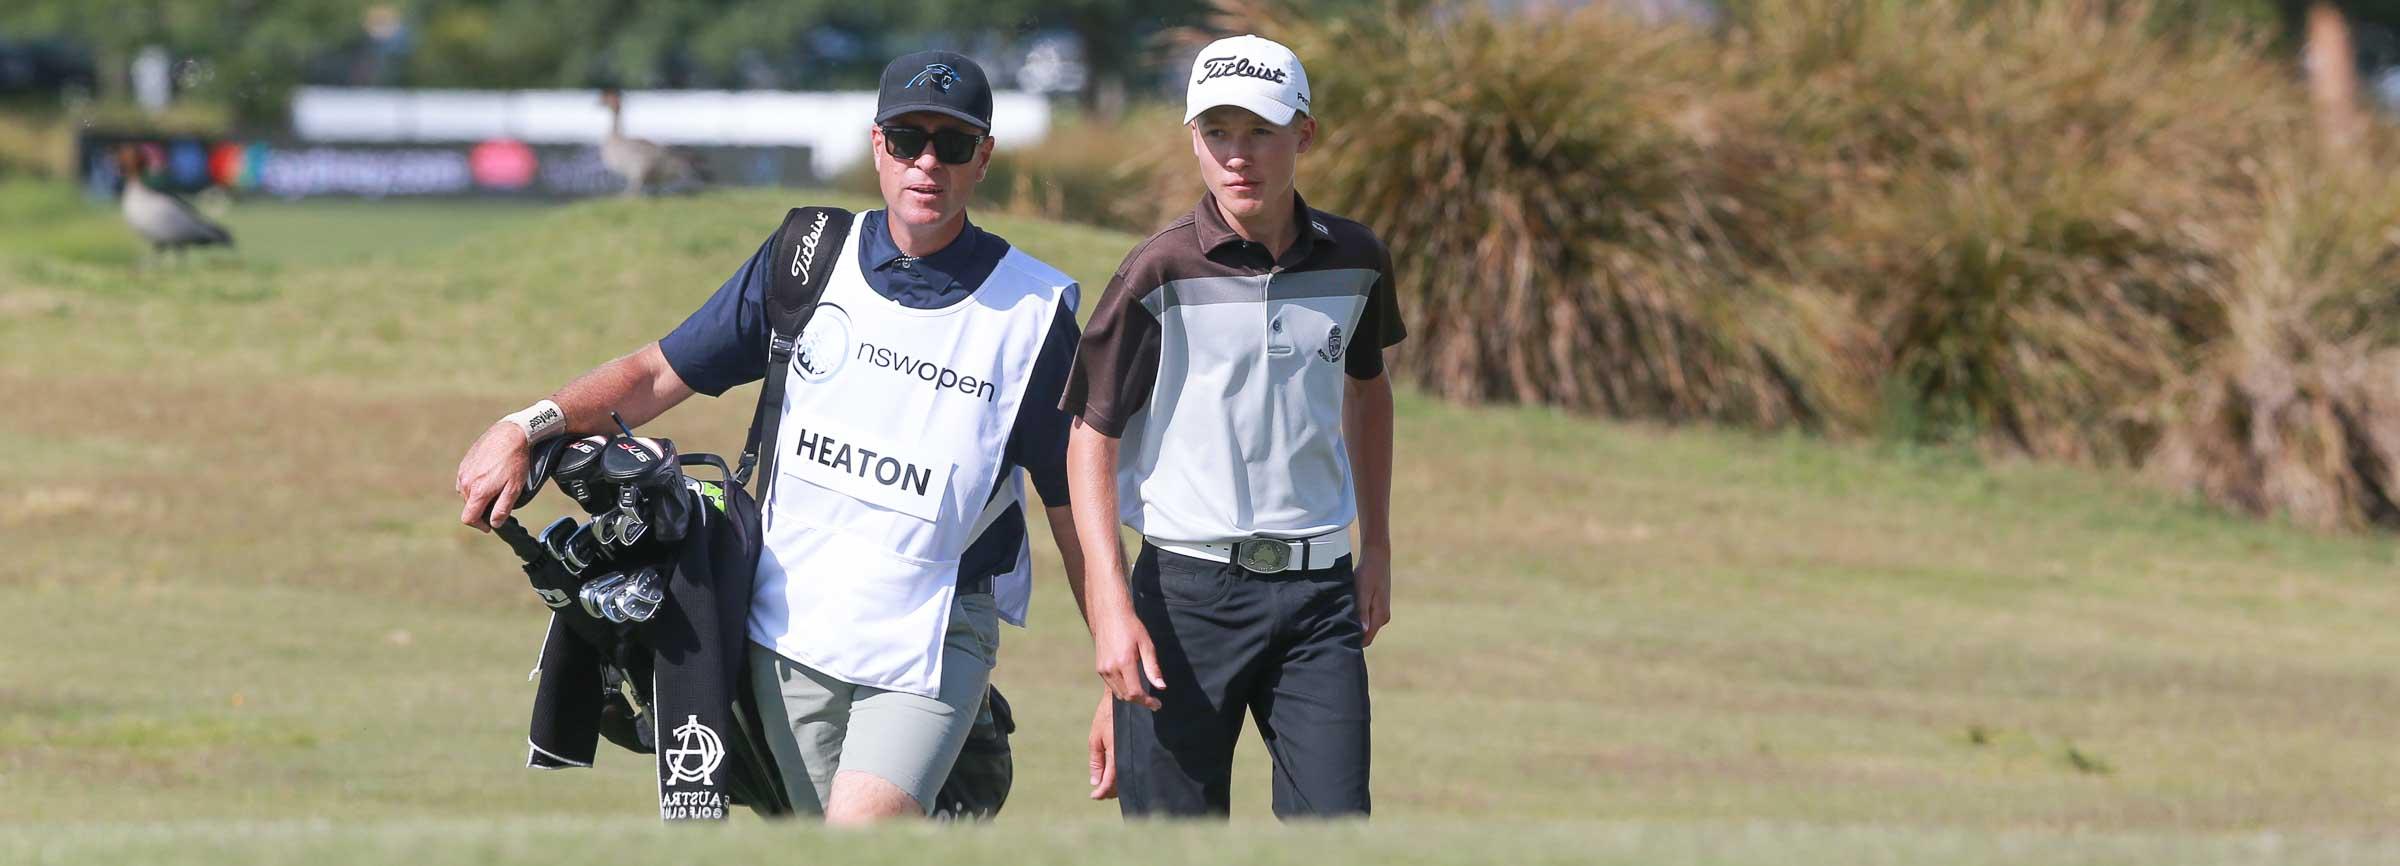 Golfer and Caddie walking up fairway